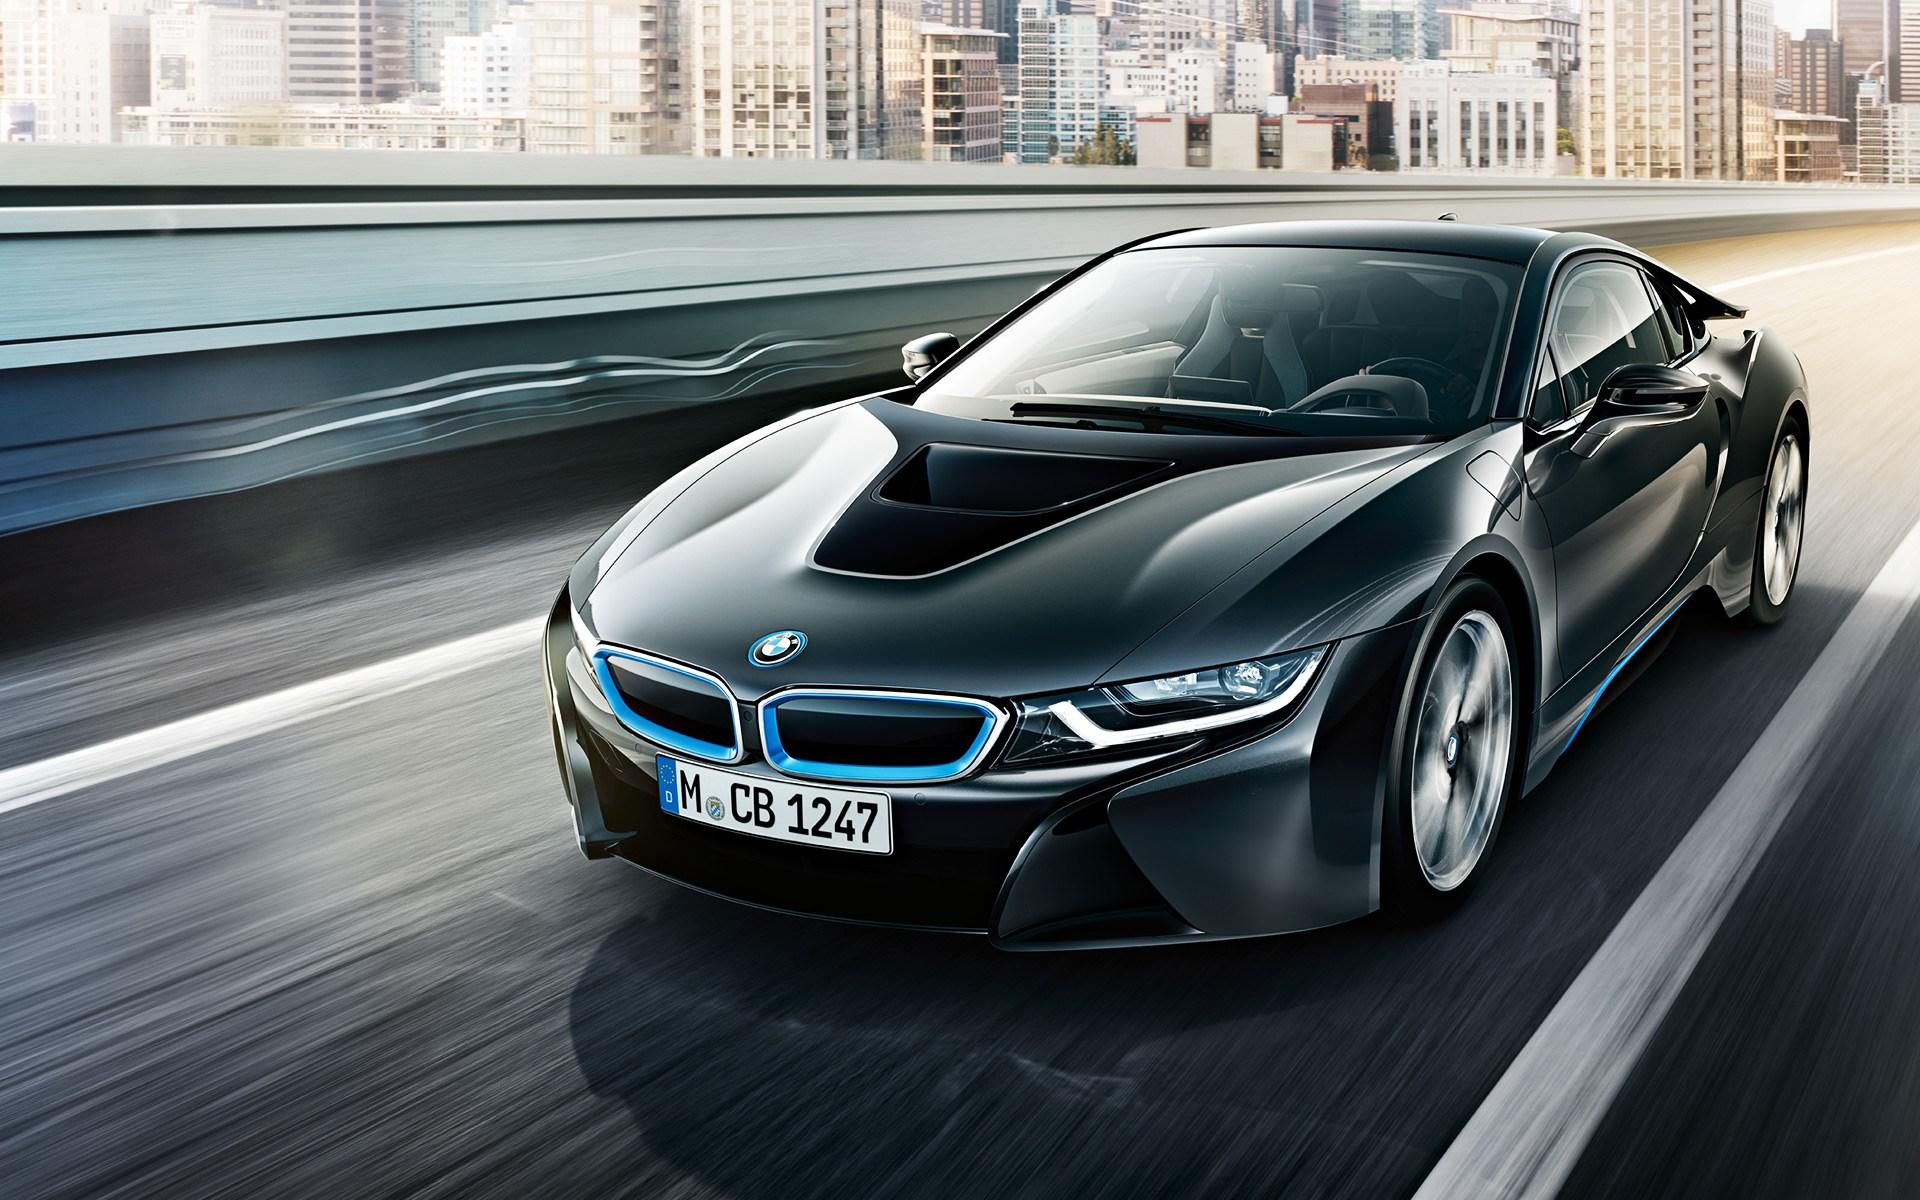 Noleggio lungo termine per i privati: avere una BMW è facilissimo